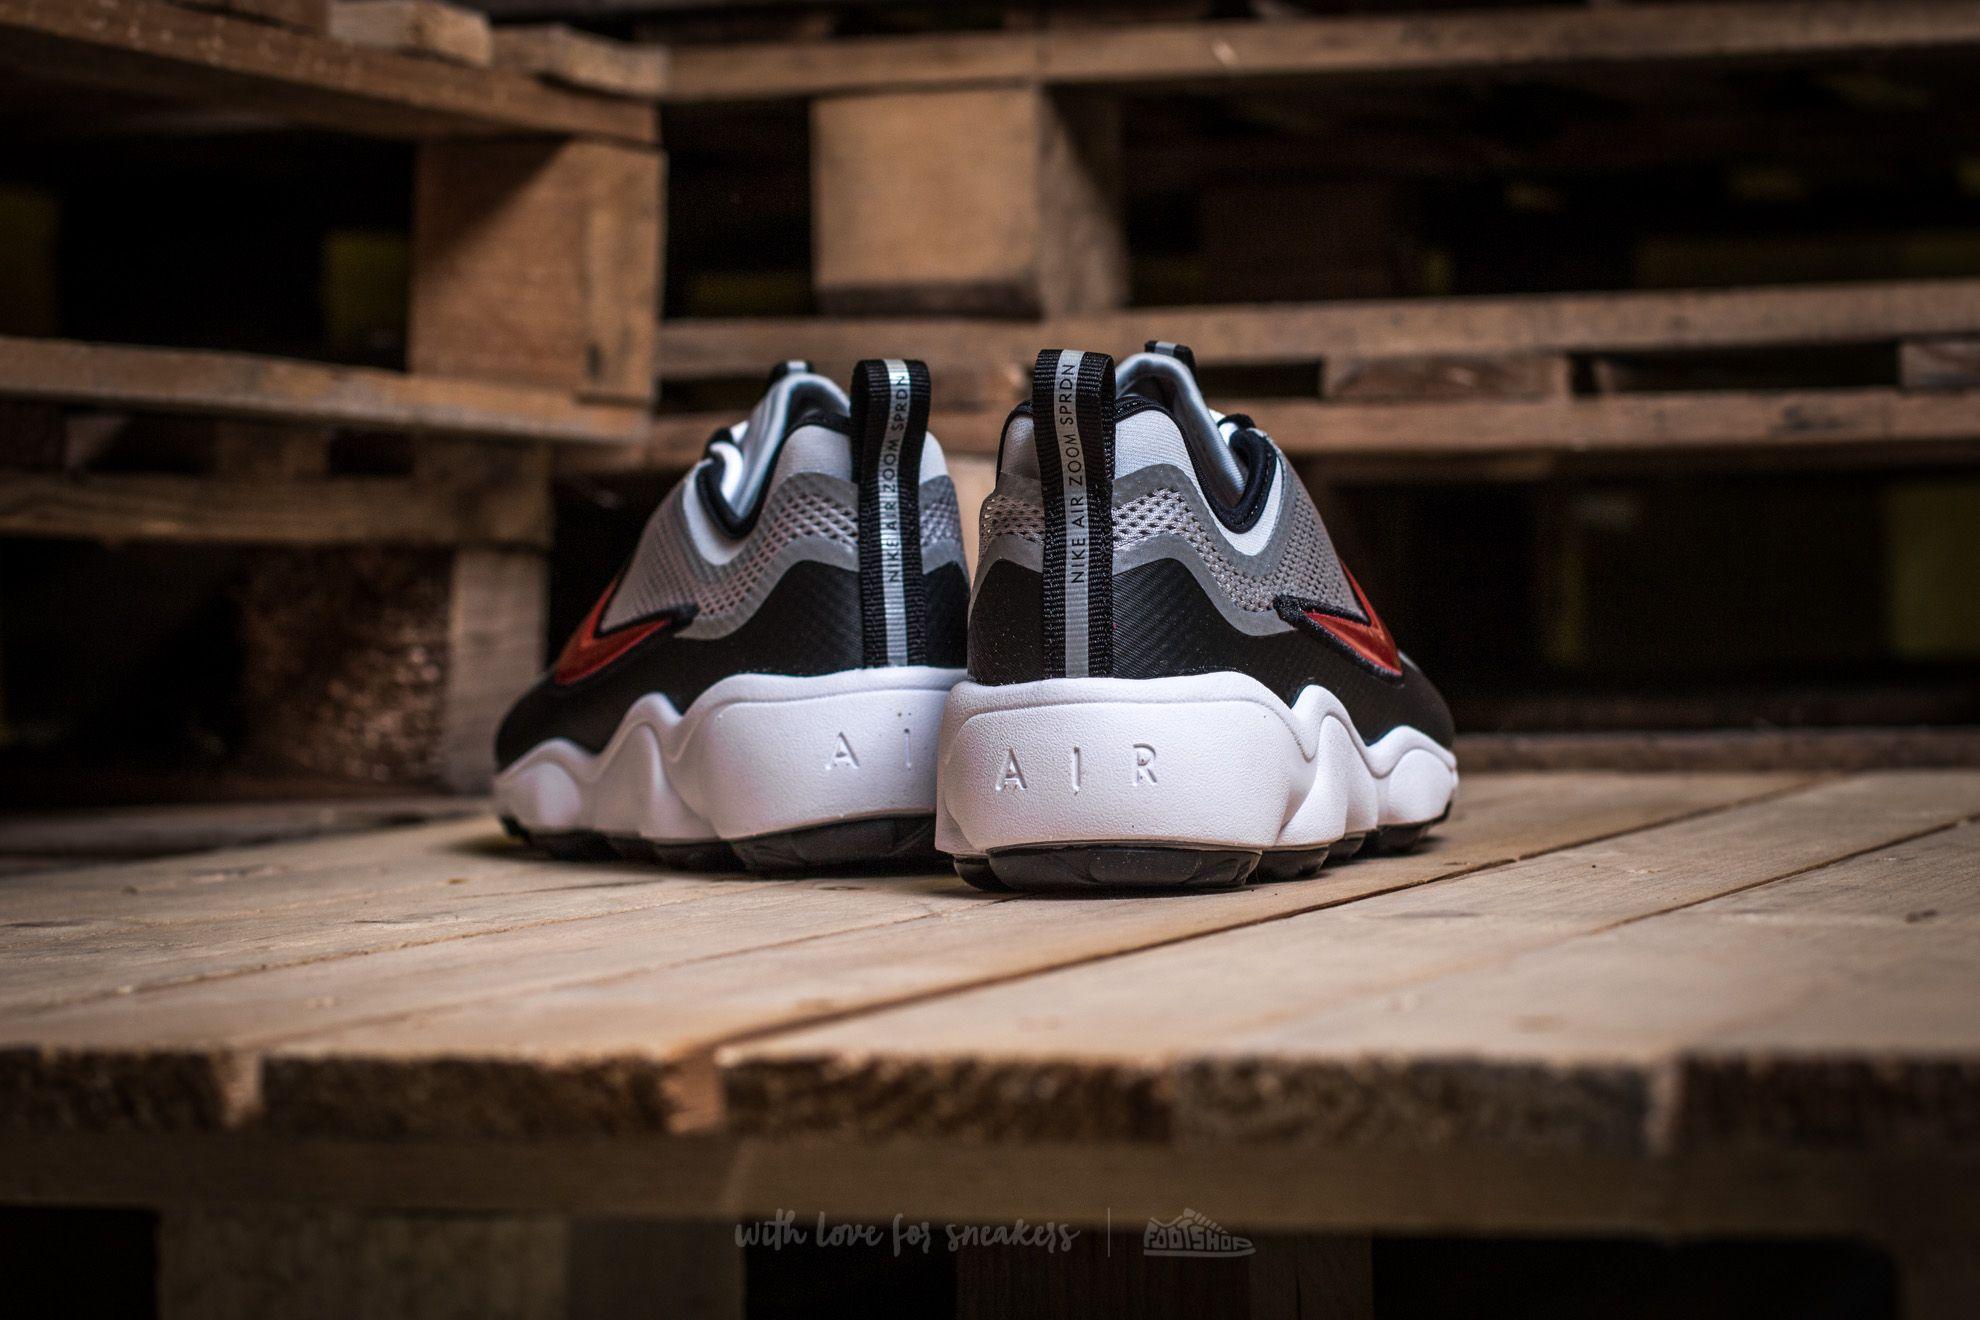 Silver Zoom Desert RedFootshop Nike Spiridon Metallic FJcTlK1